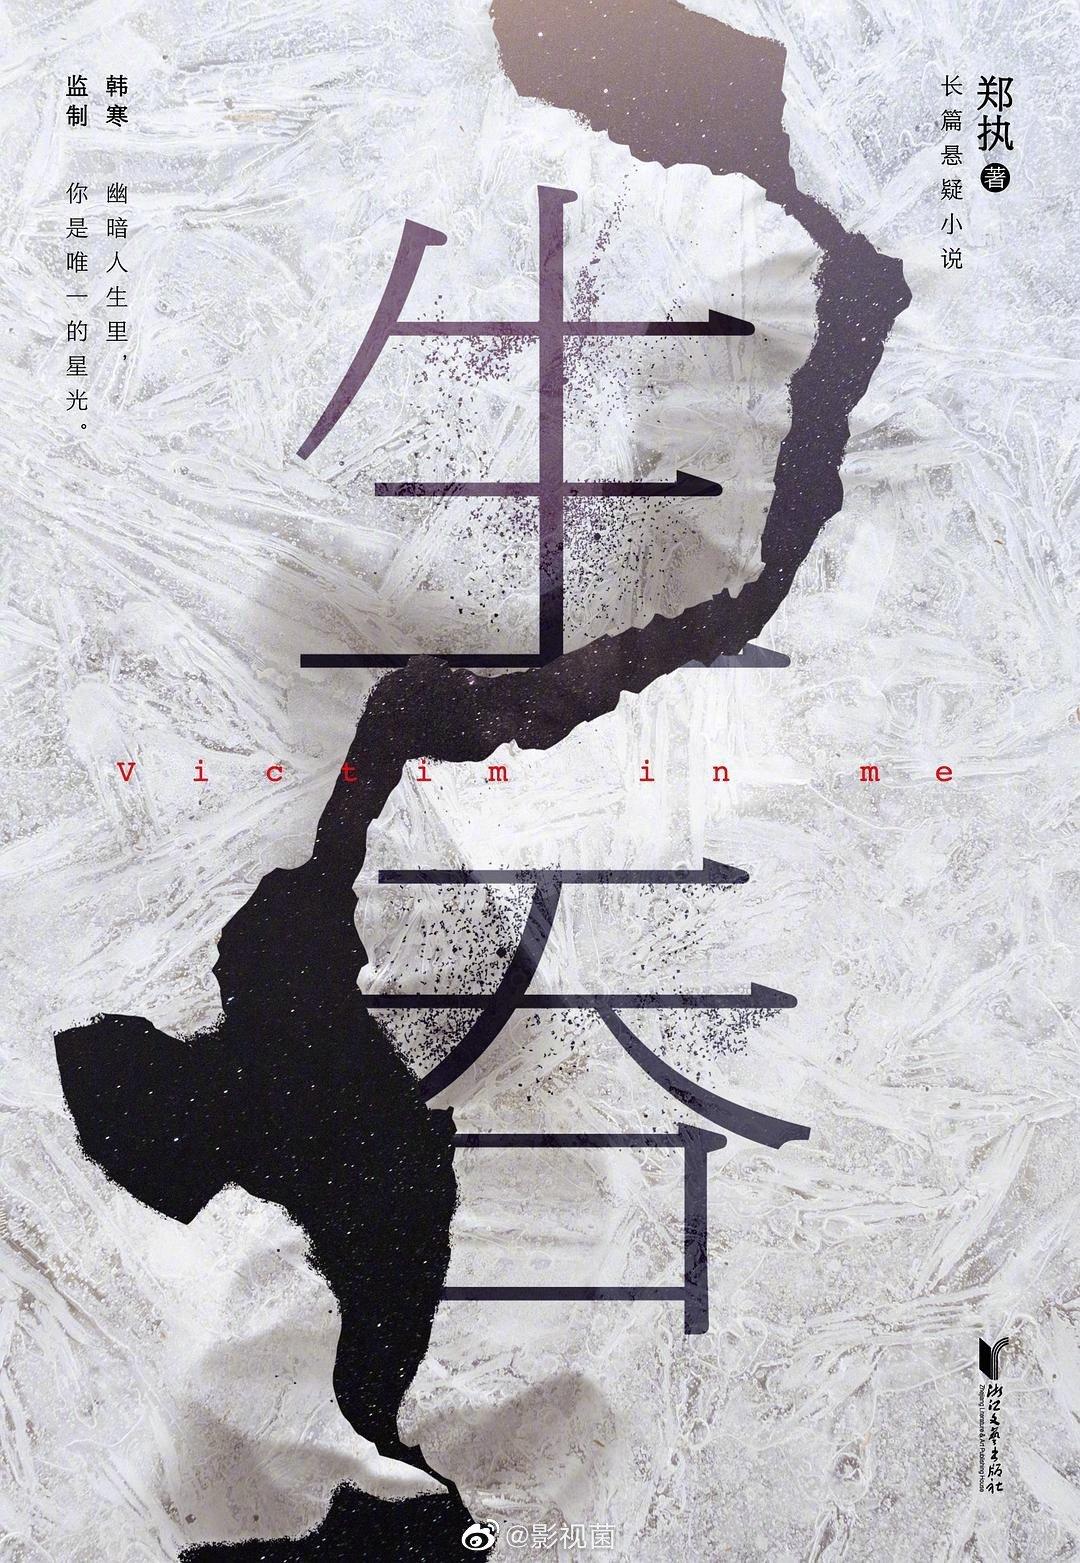 欧豪、王玉雯主演的青春犯罪悬疑题材电视剧《生吞》将于月底开机